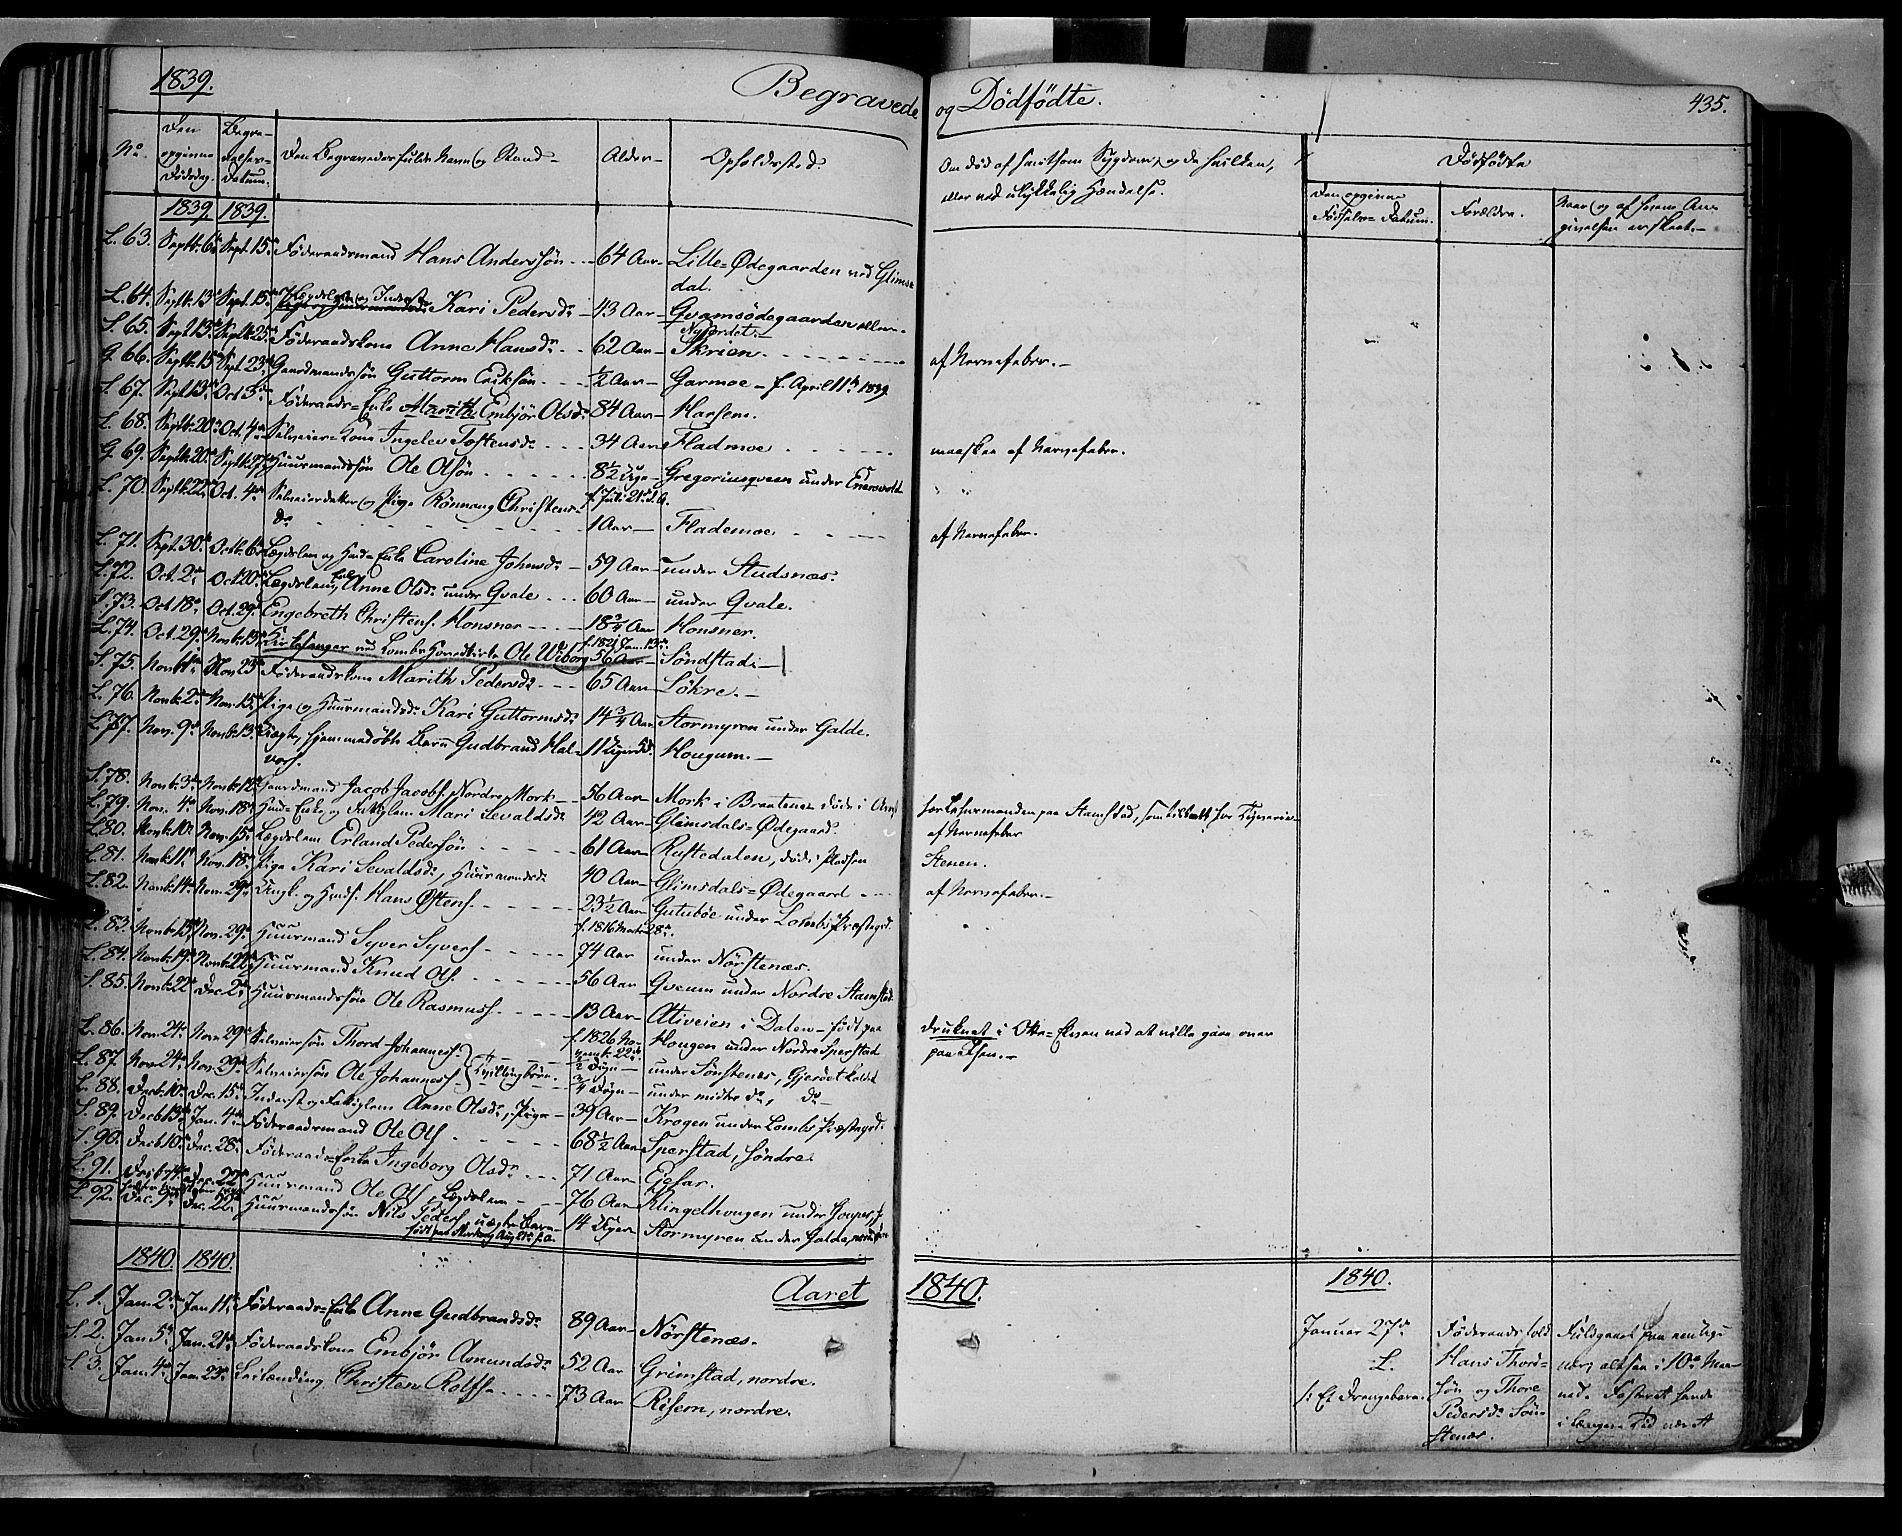 SAH, Lom prestekontor, K/L0006: Ministerialbok nr. 6B, 1837-1863, s. 435